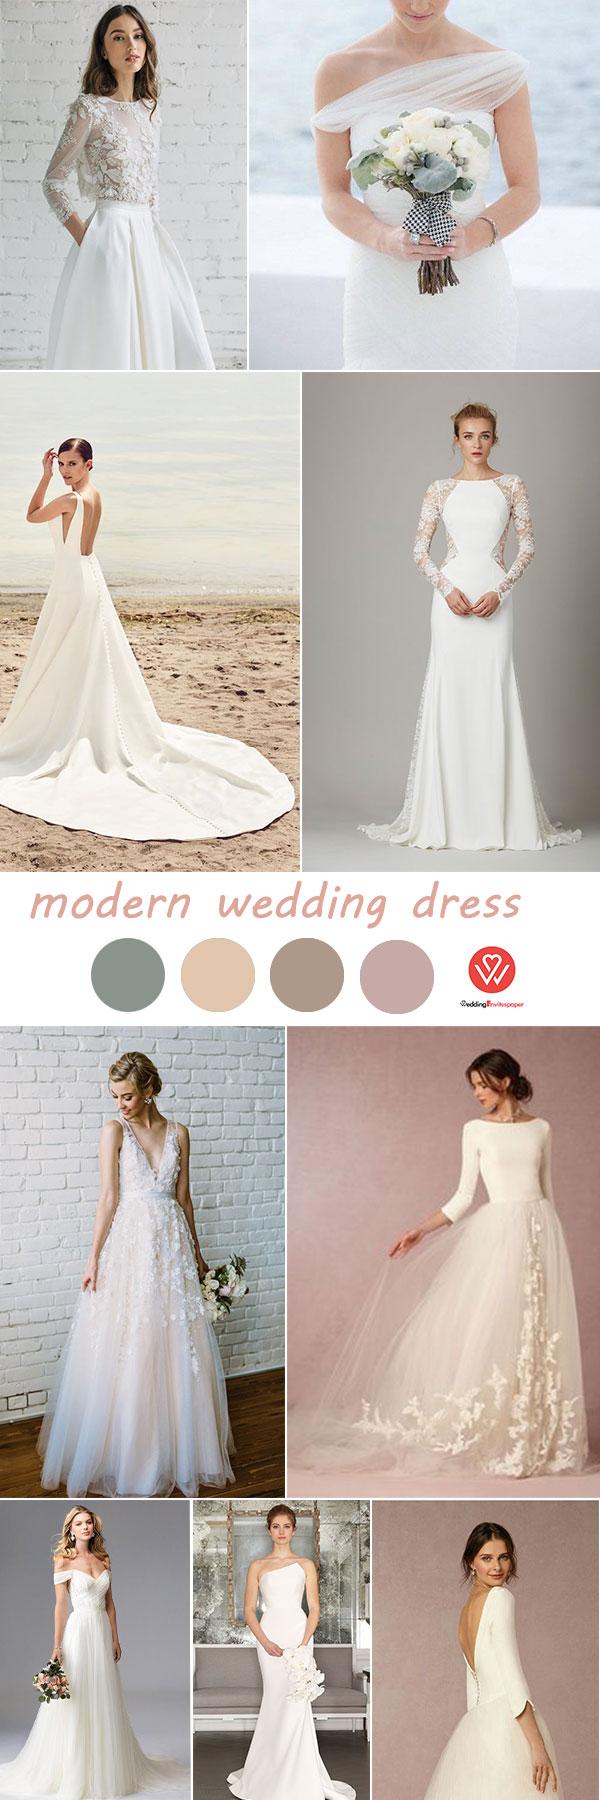 Cheap rustic wedding dresses   Most Popular Elements In Modern Wedding long elegant wedding